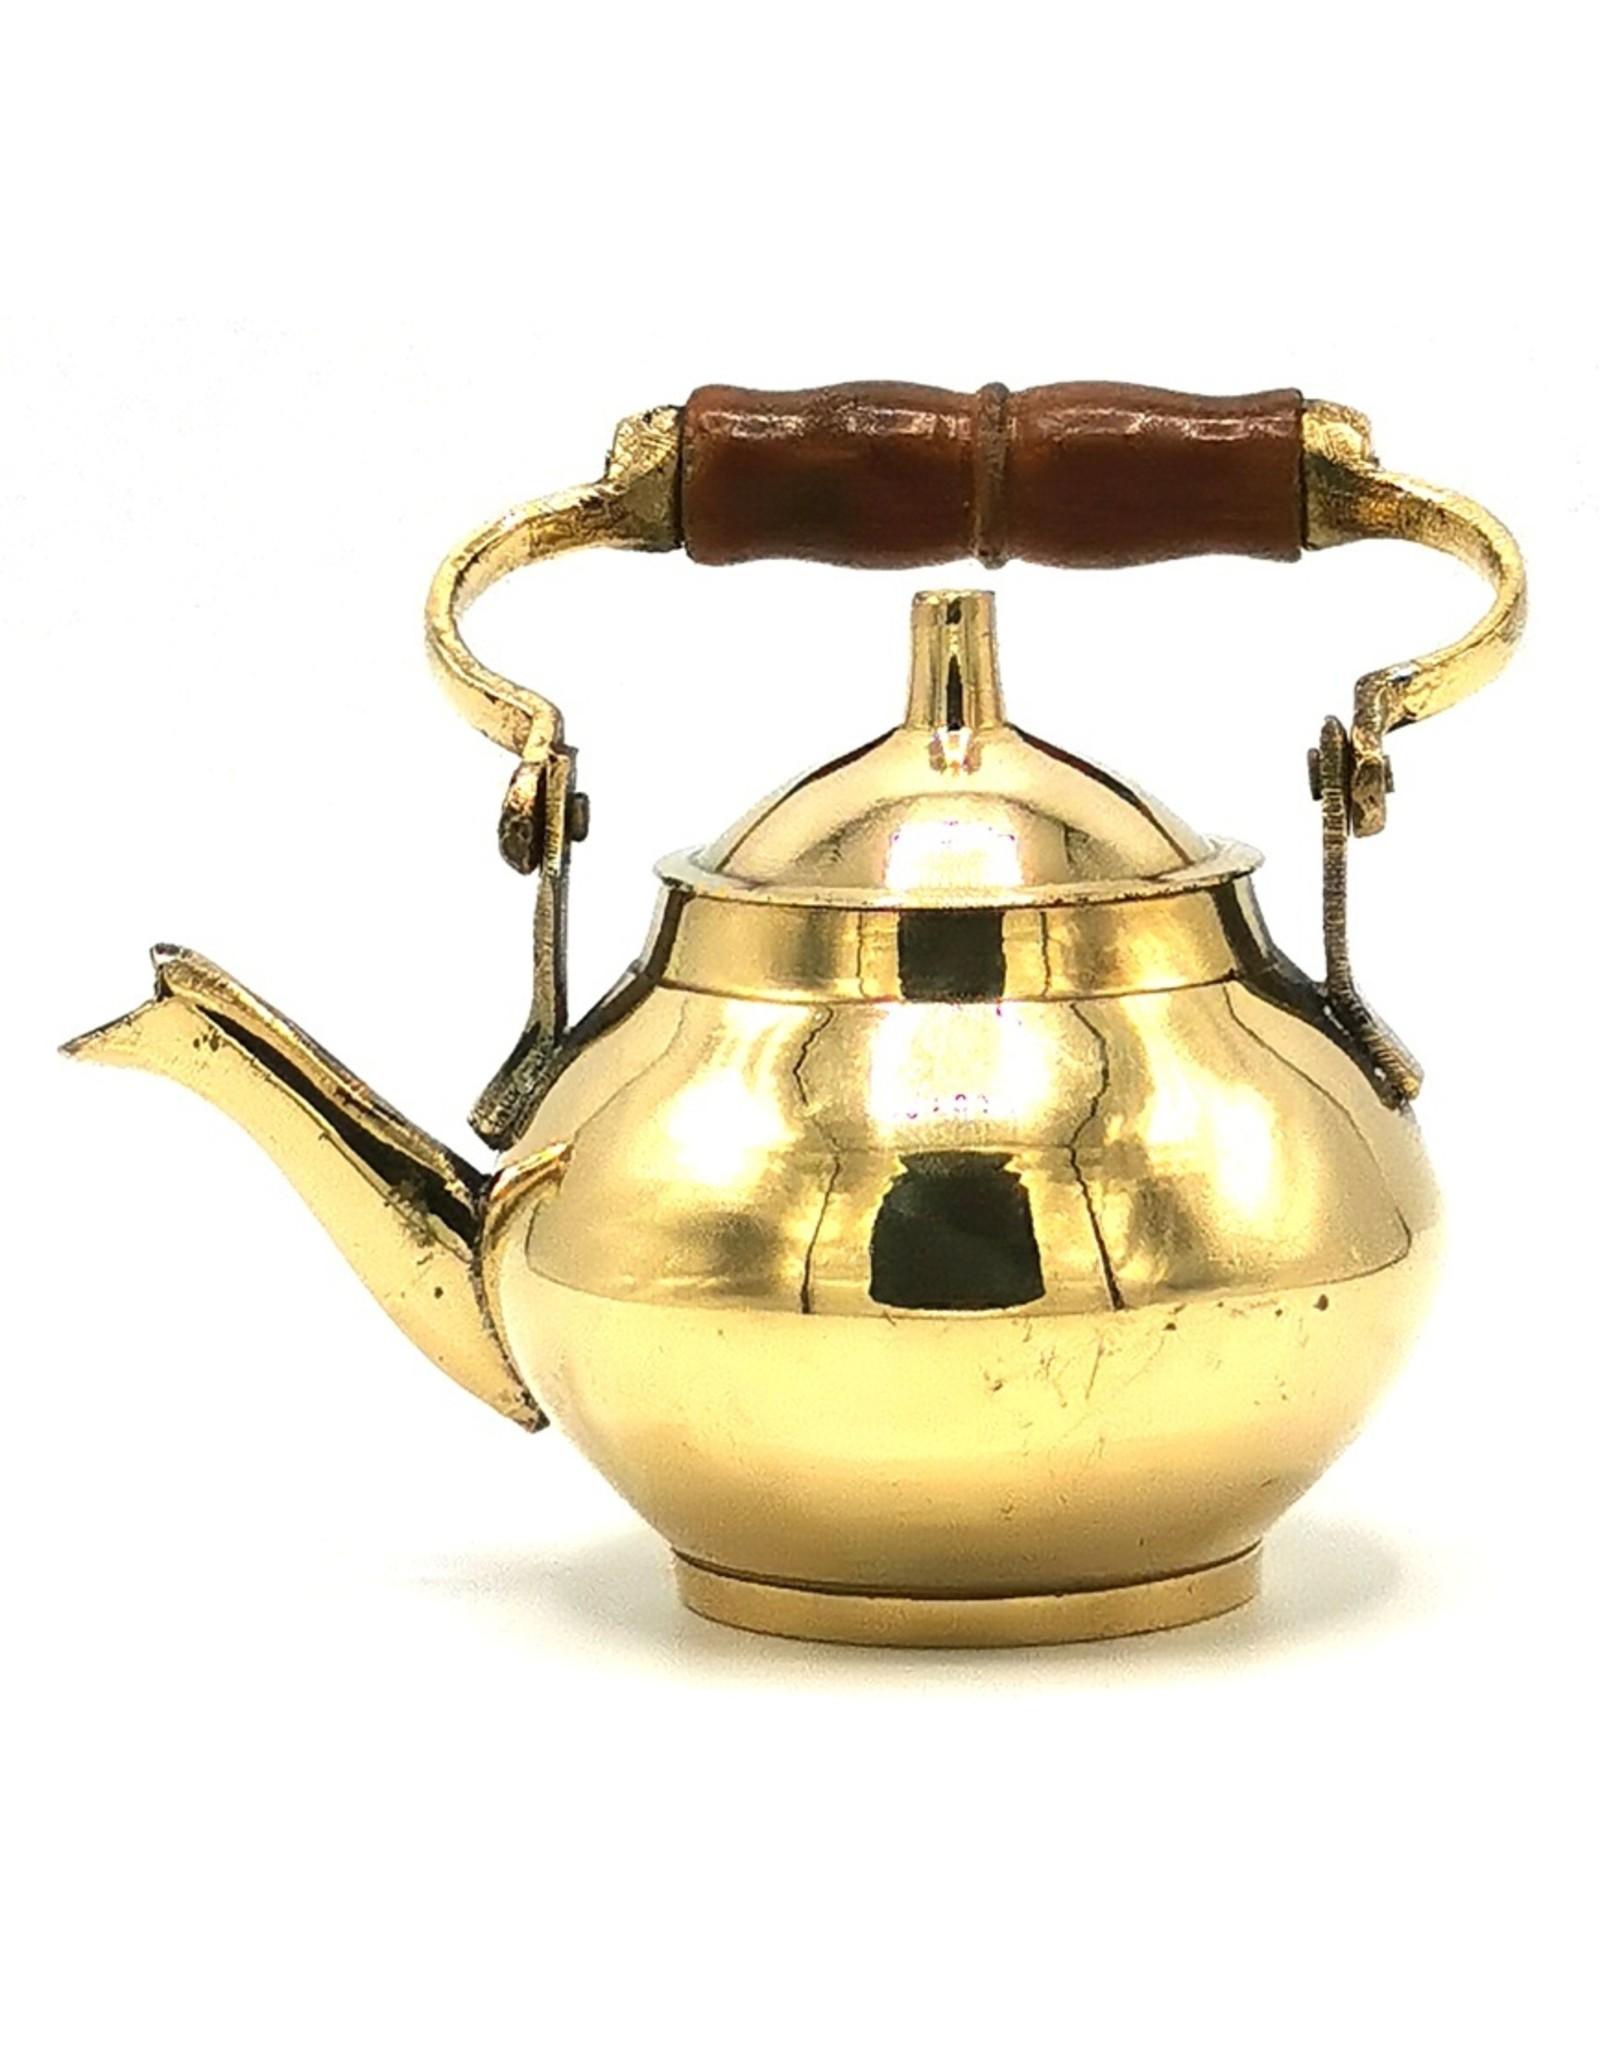 Koperen theepot Giftware, beelden, collectables - Miniatuur Theepot  met houten handvat, Messing